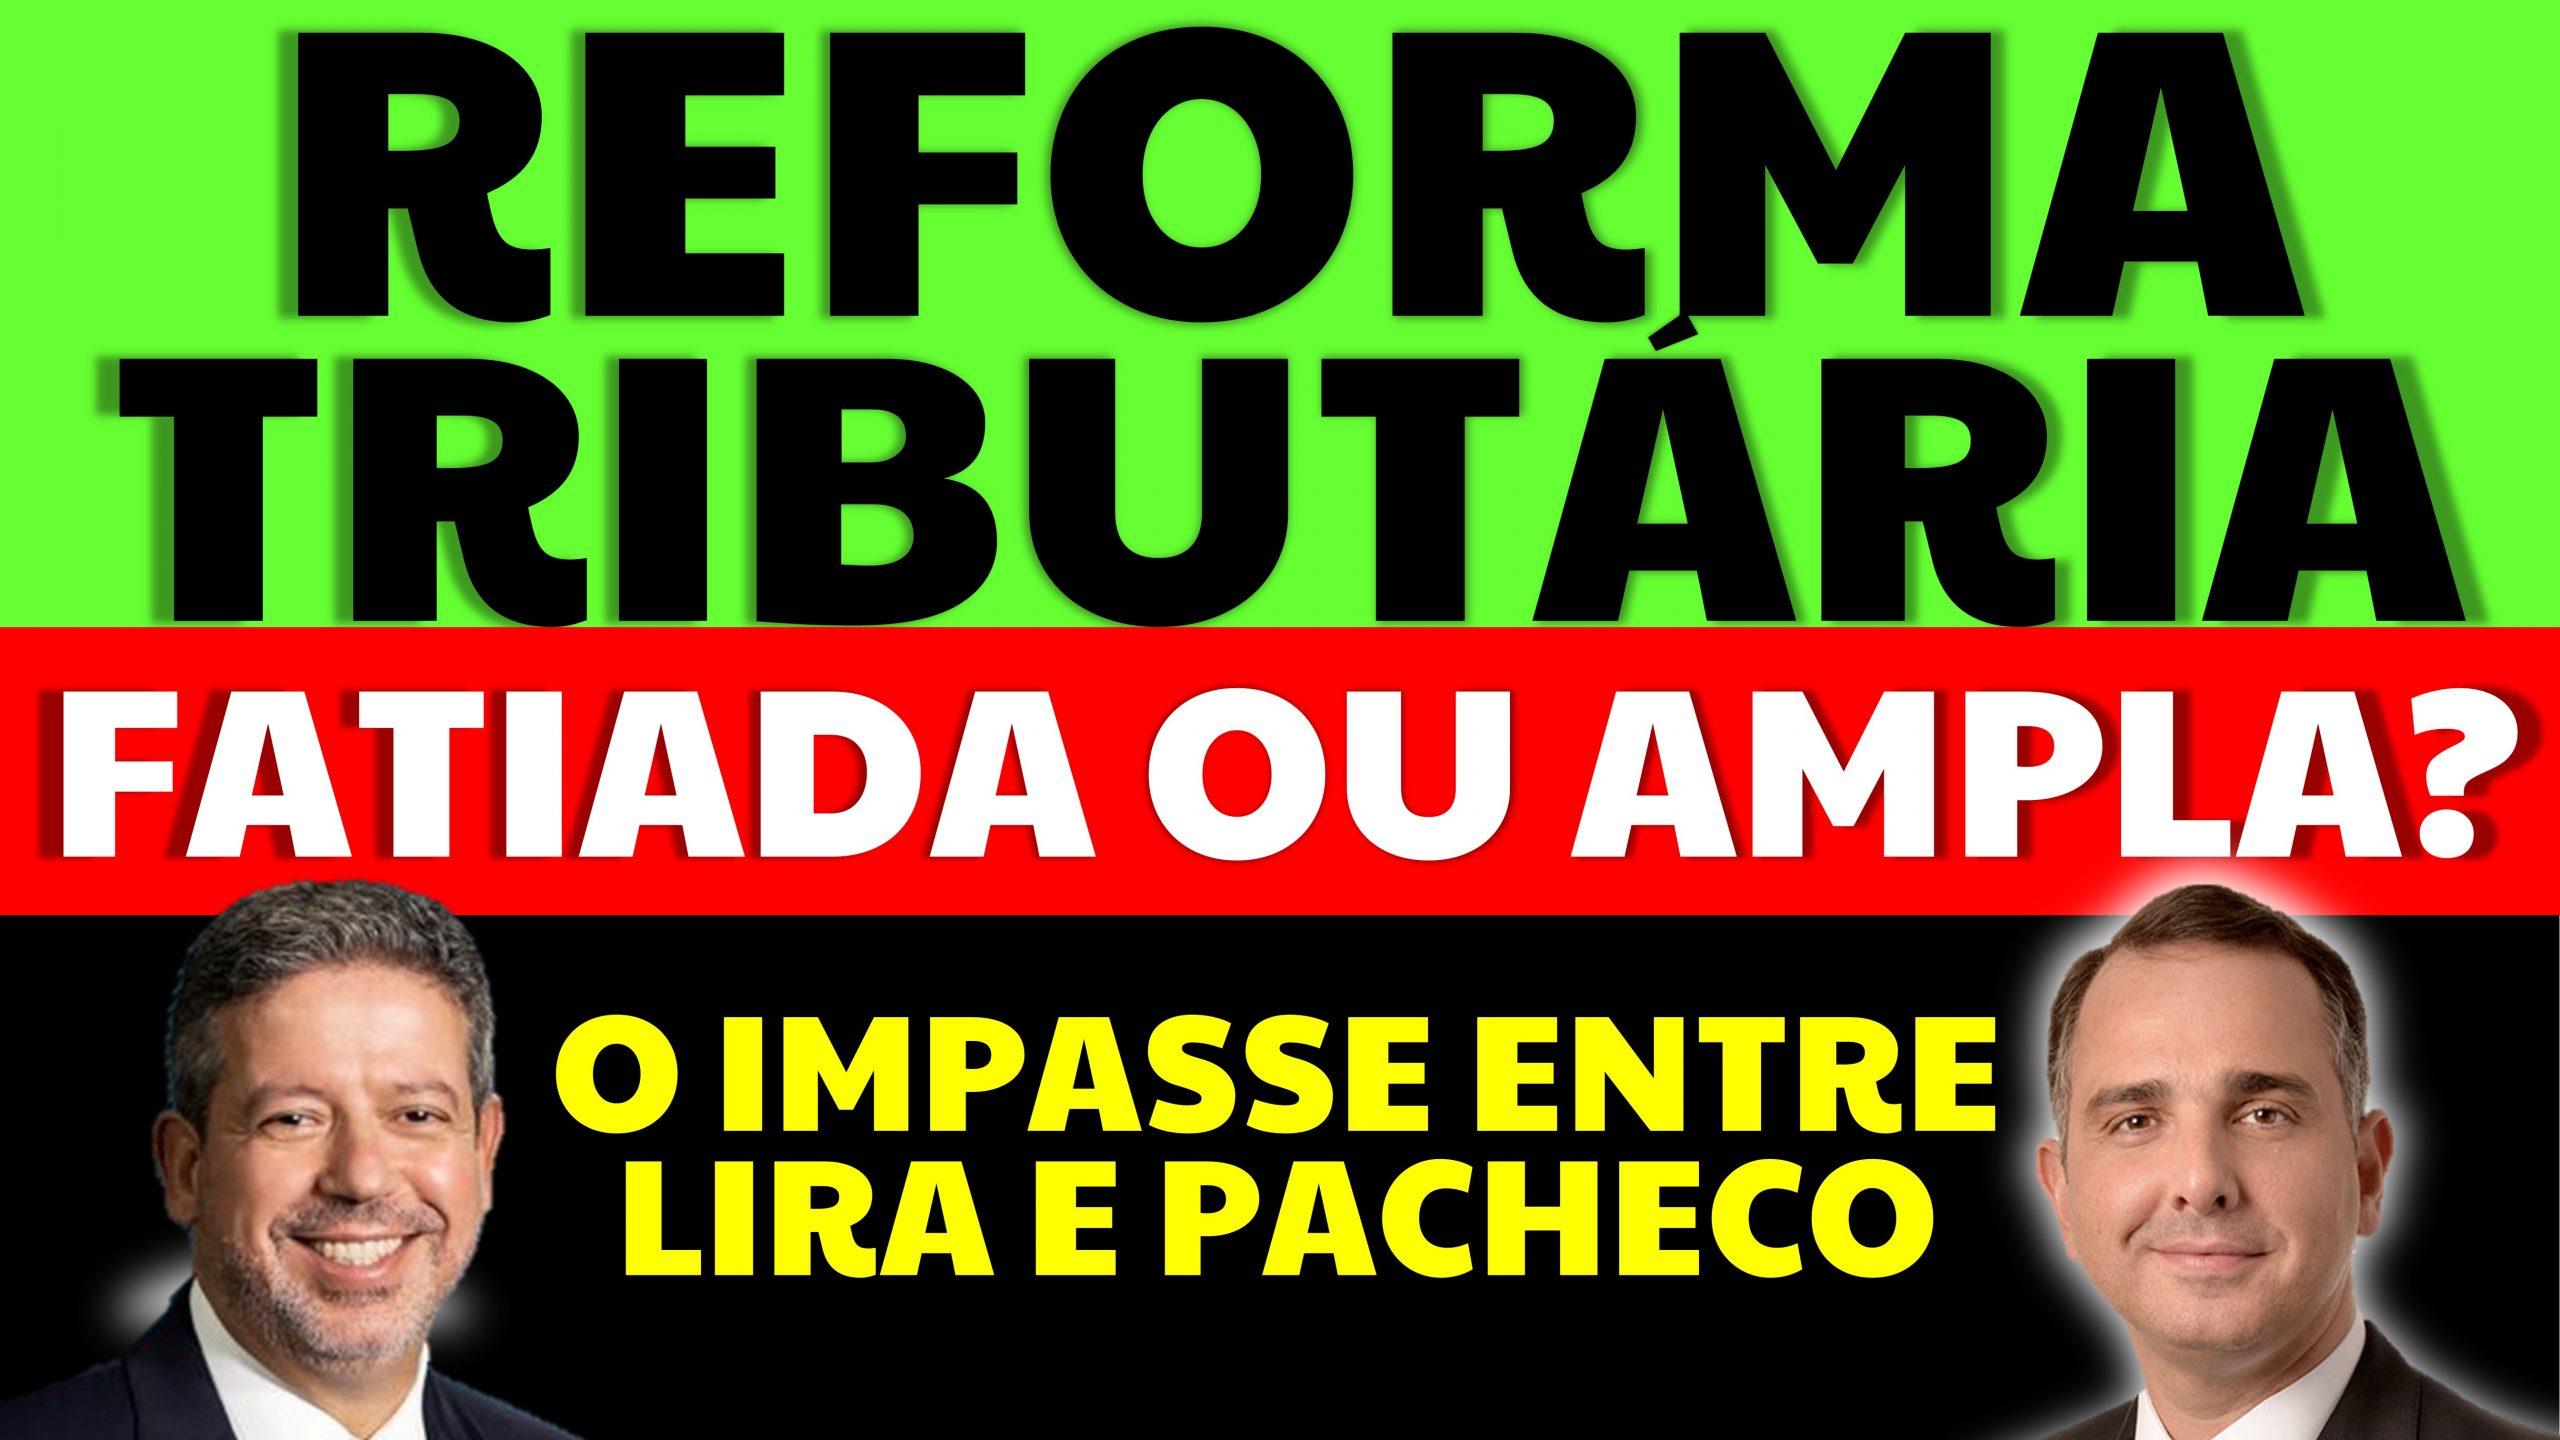 Reforma Tributária fatiada ou ampla: O impasse entre Lira e Pacheco